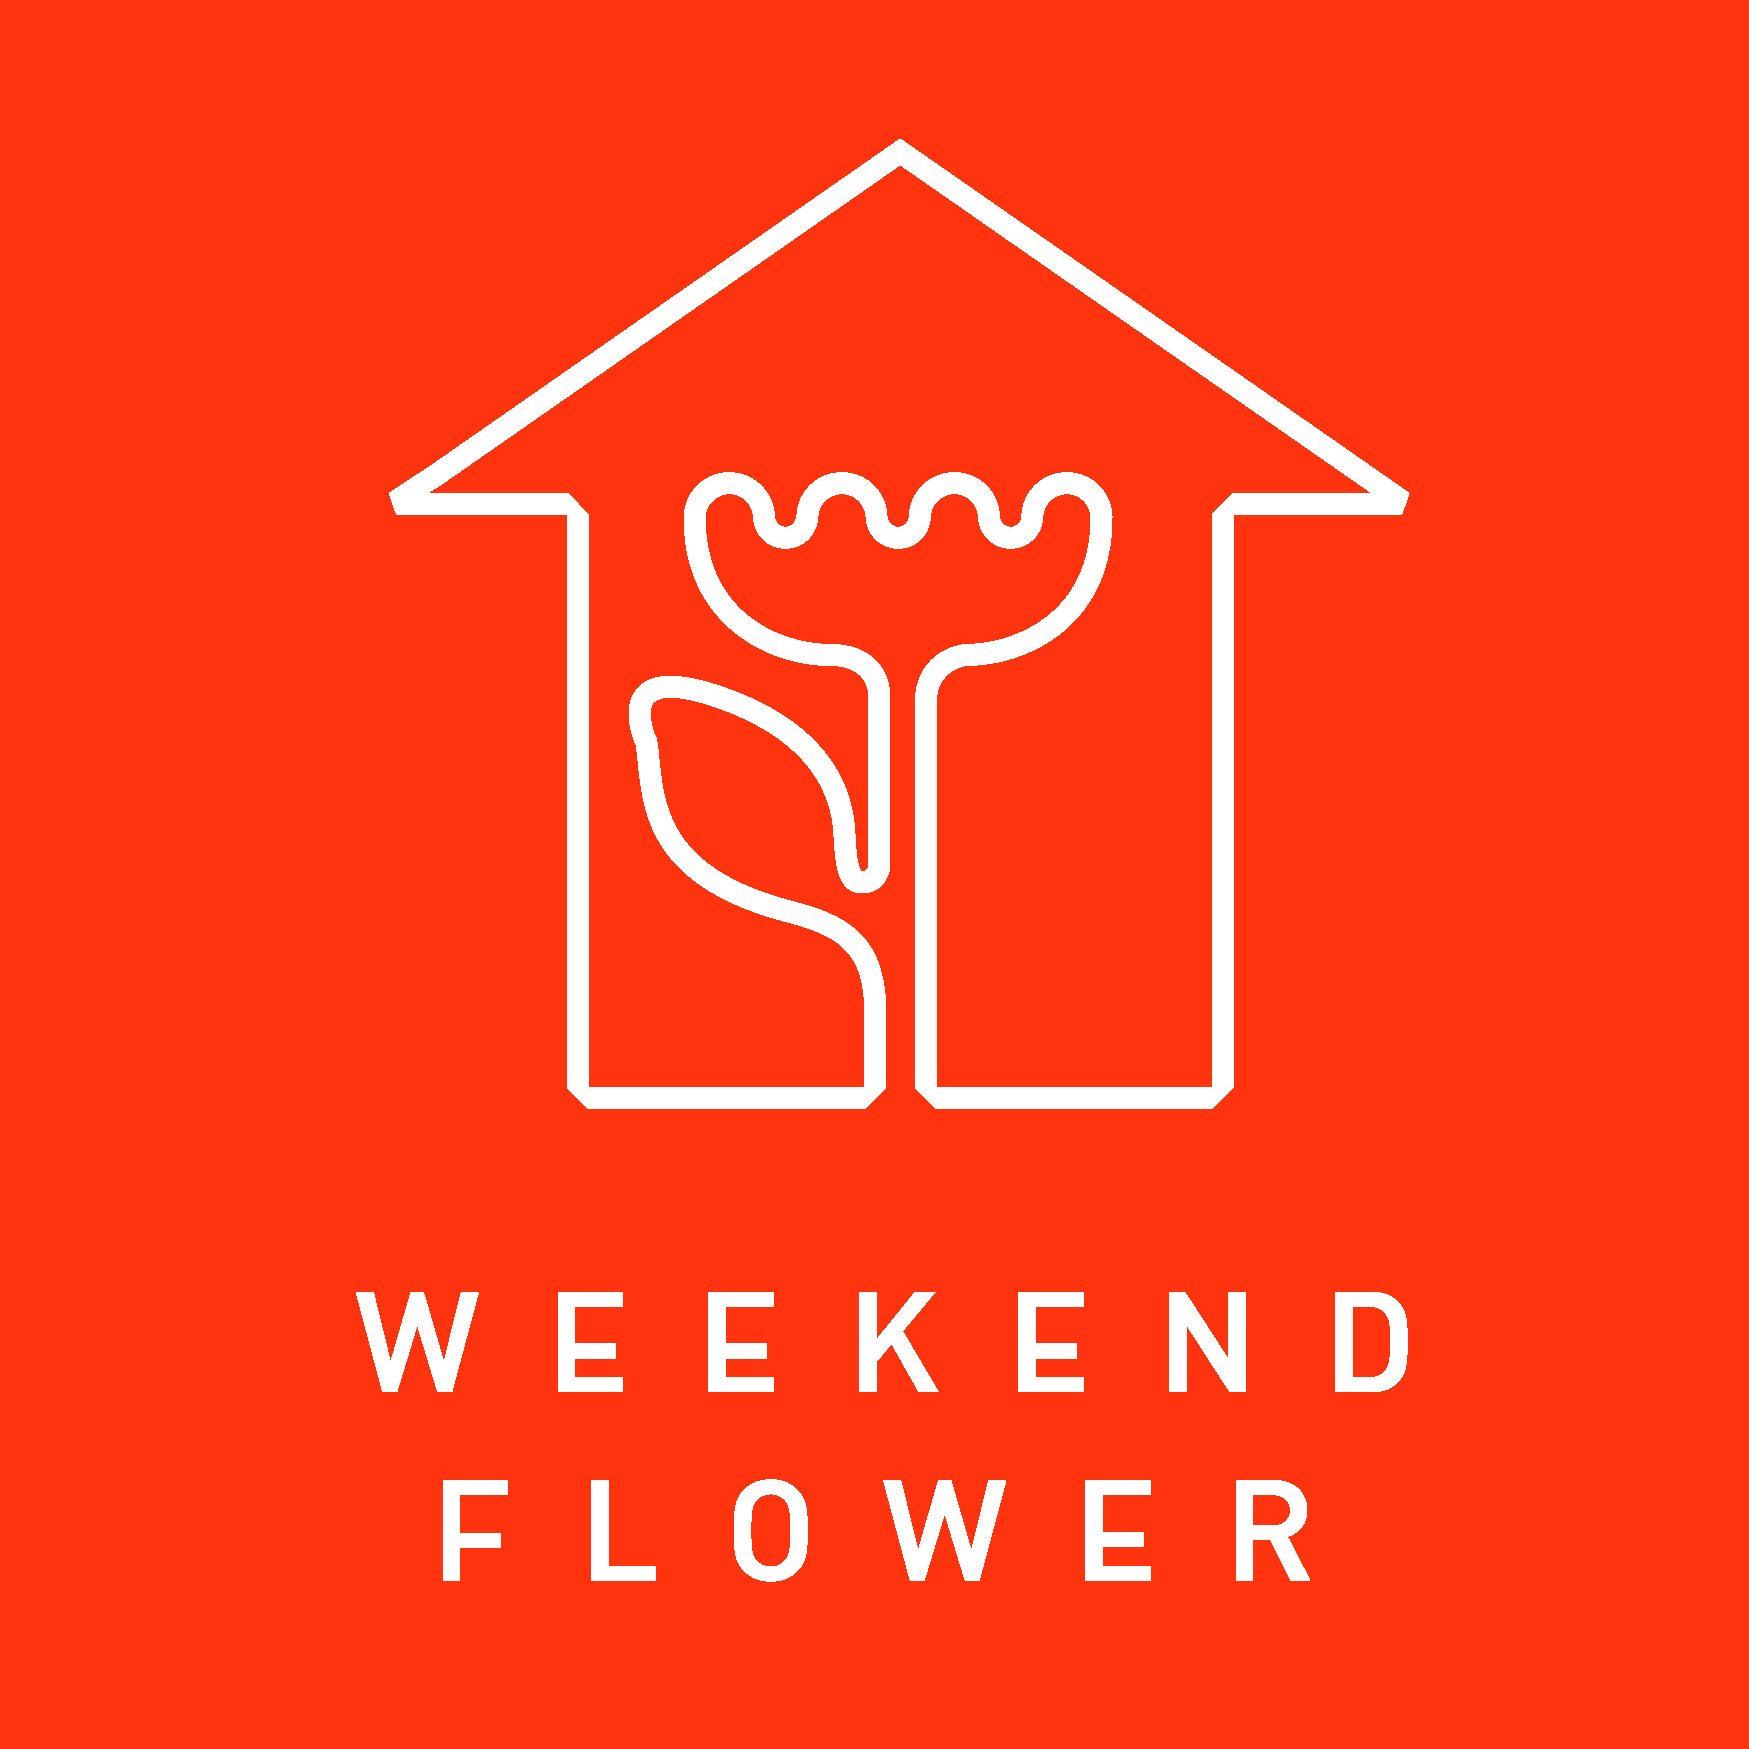 WEEKEND FLOWER